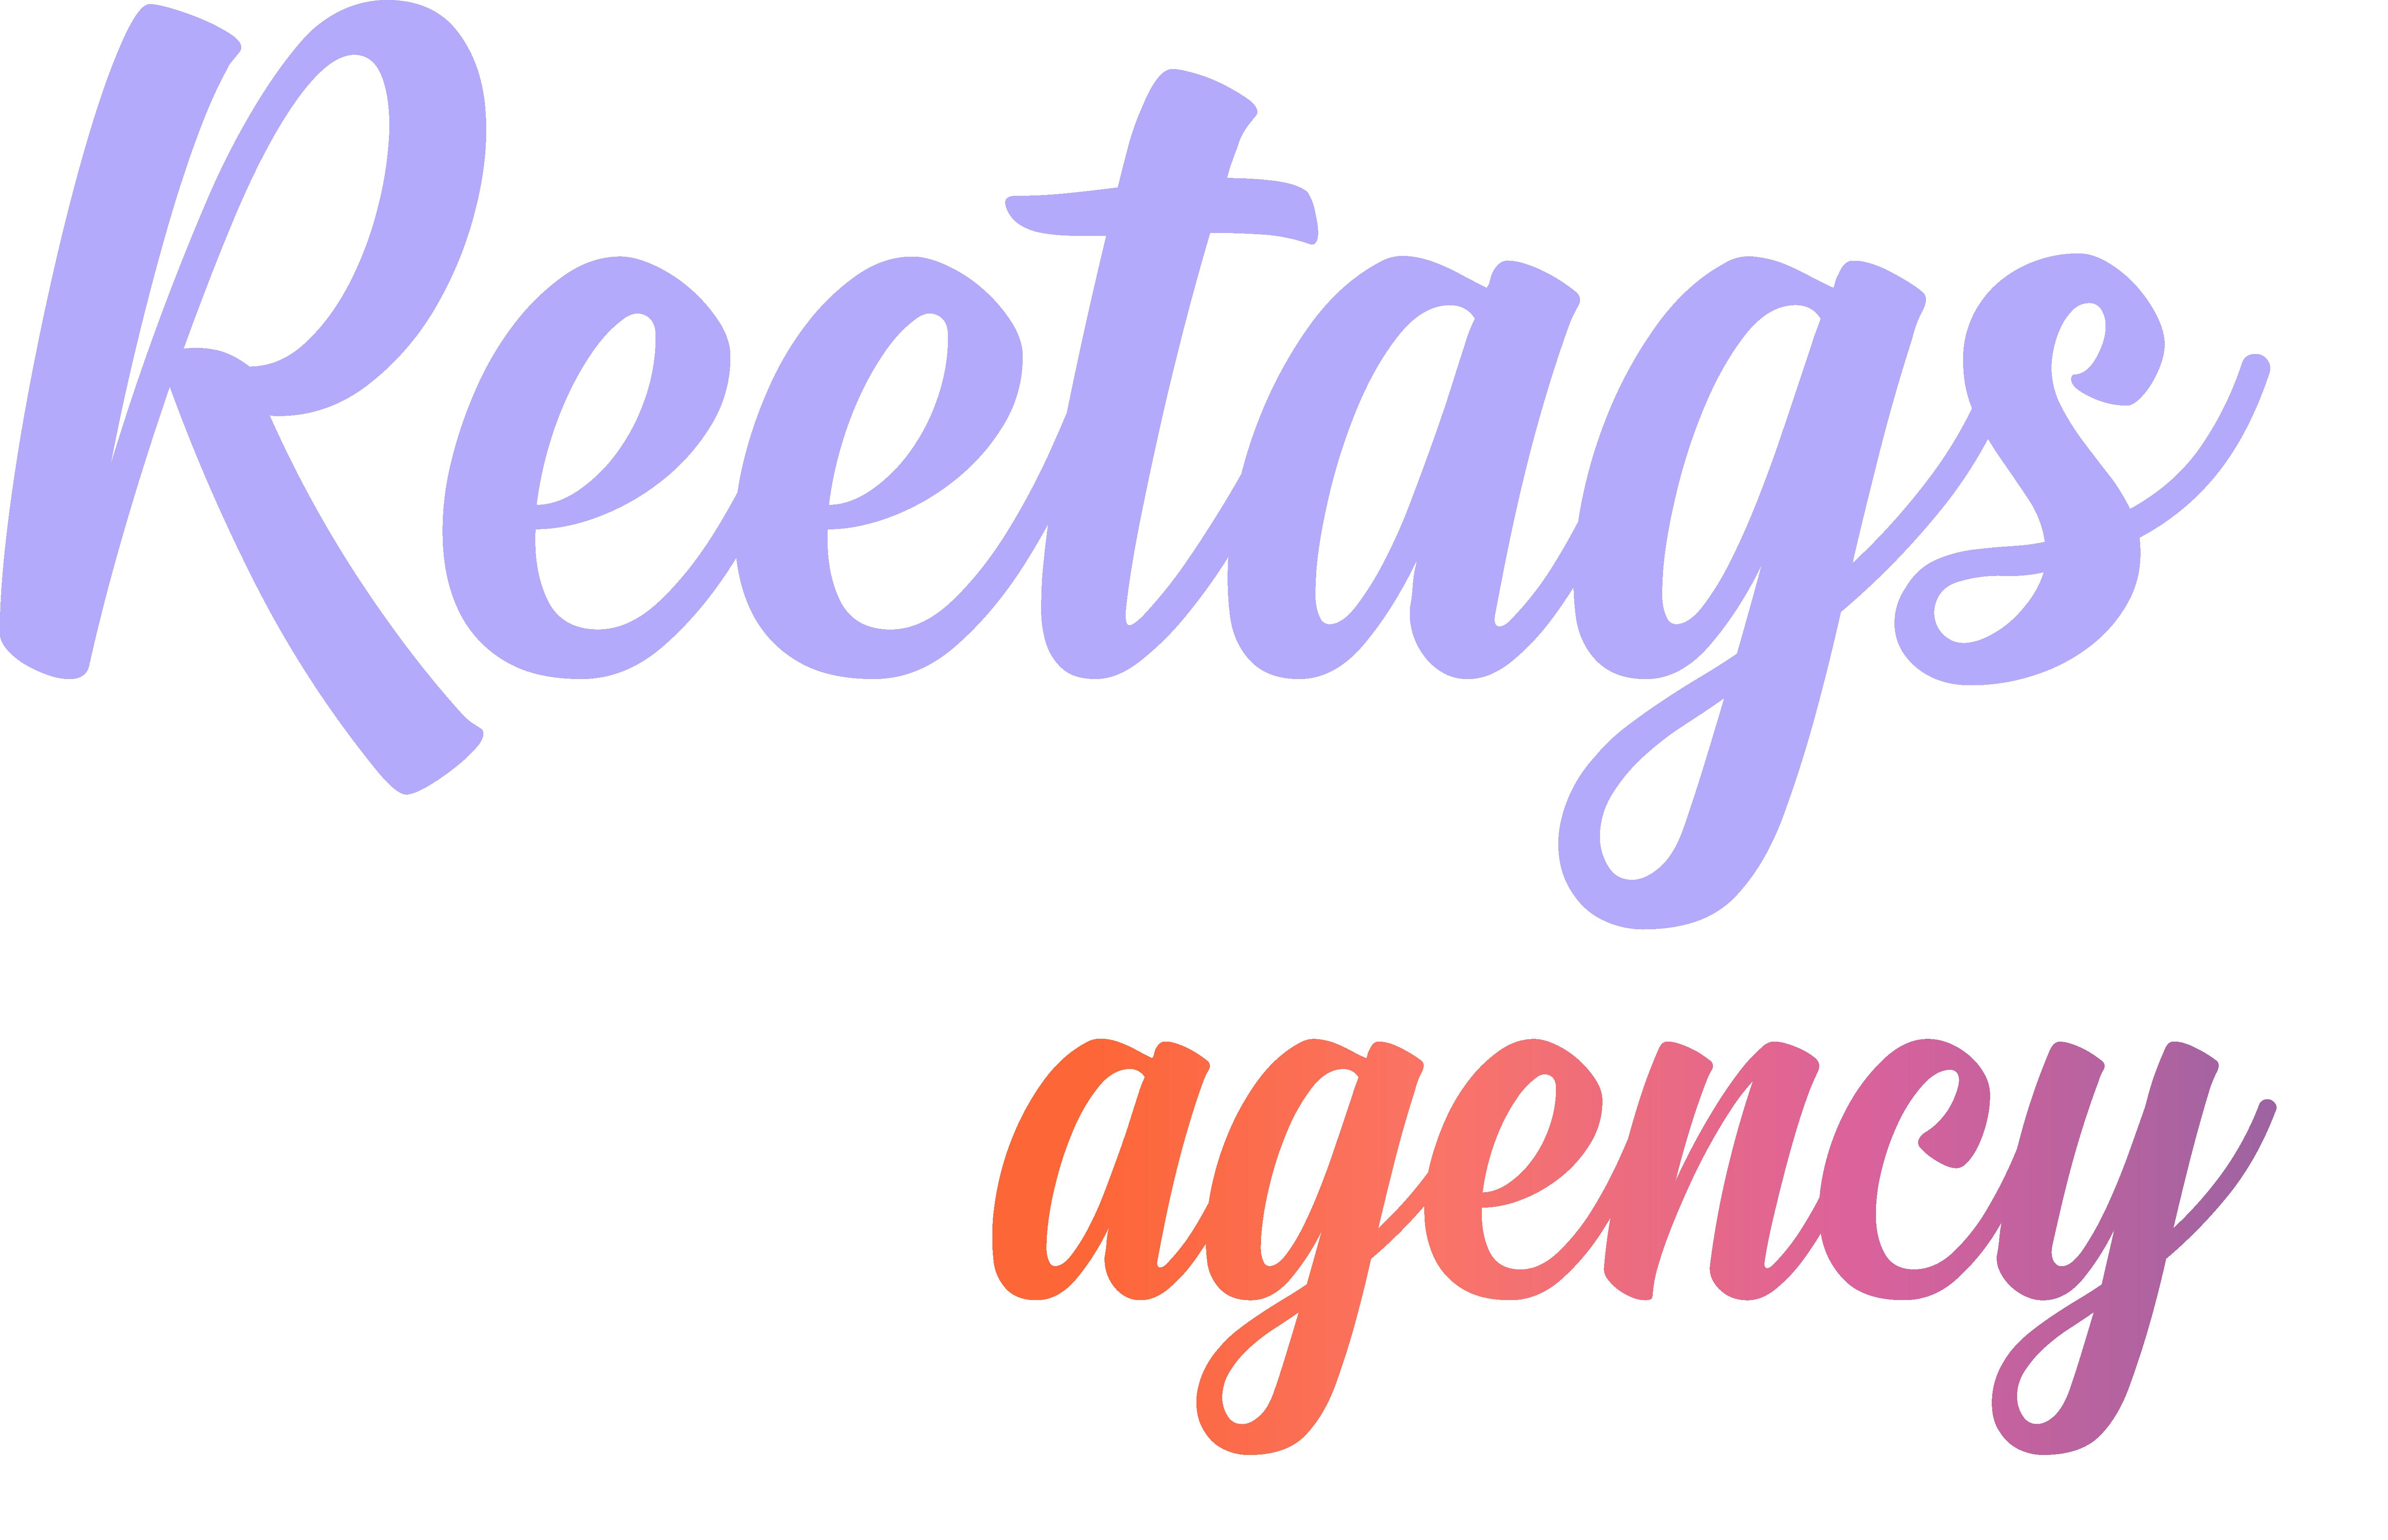 Blog reetags